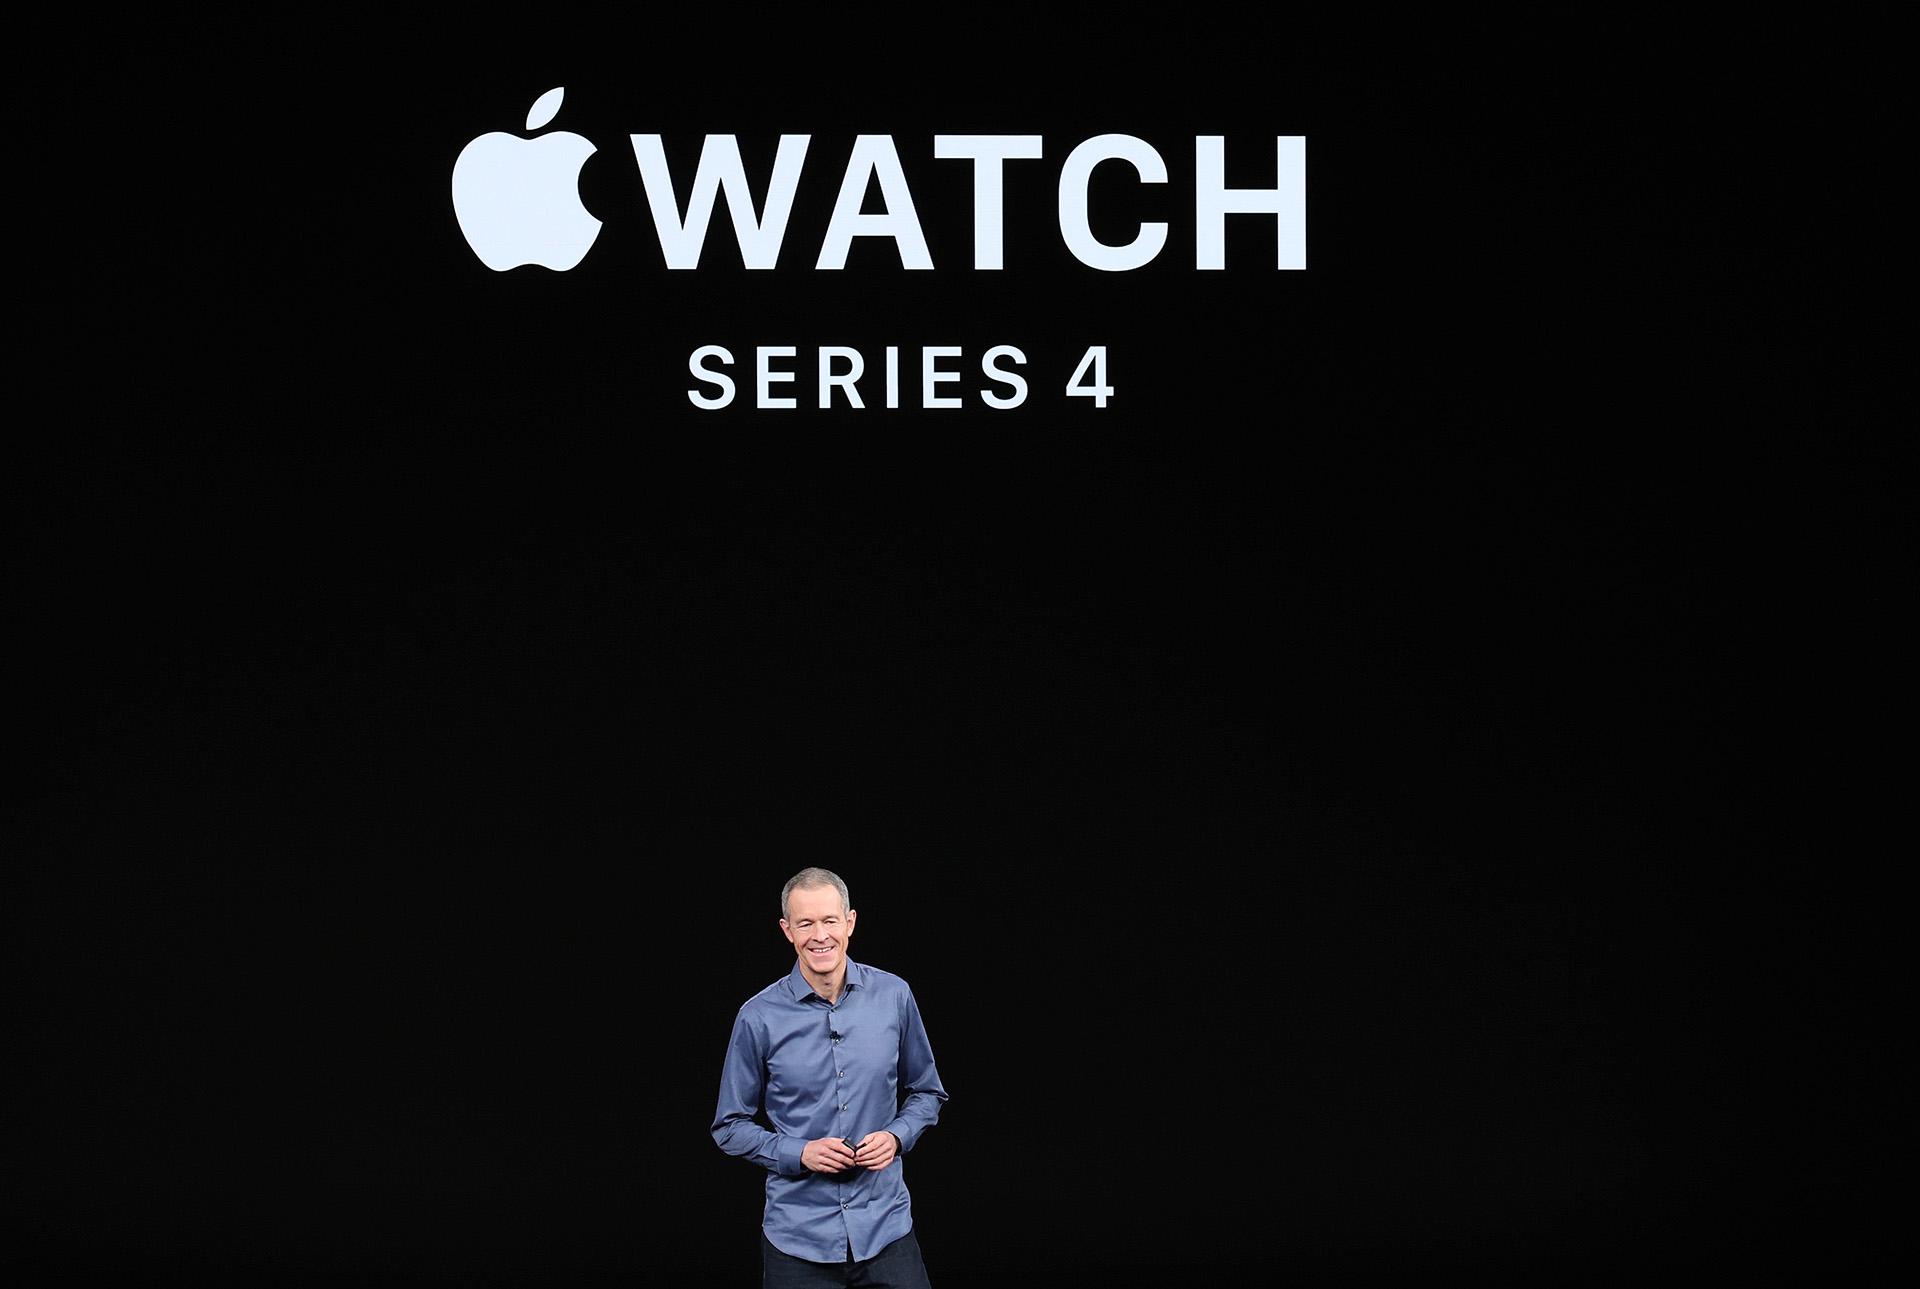 Se trata del mayor rediseño del reloj desde que la empresa californiana lo sacara al mercado en 2015, fundamentalmente gracias a una pantalla que prácticamente prescinde de los marcos -como ya ha sucedido en las últimas versiones del teléfono iPhone-, por lo que las aplicaciones disponen de más espacio para mostrar información (AFP)